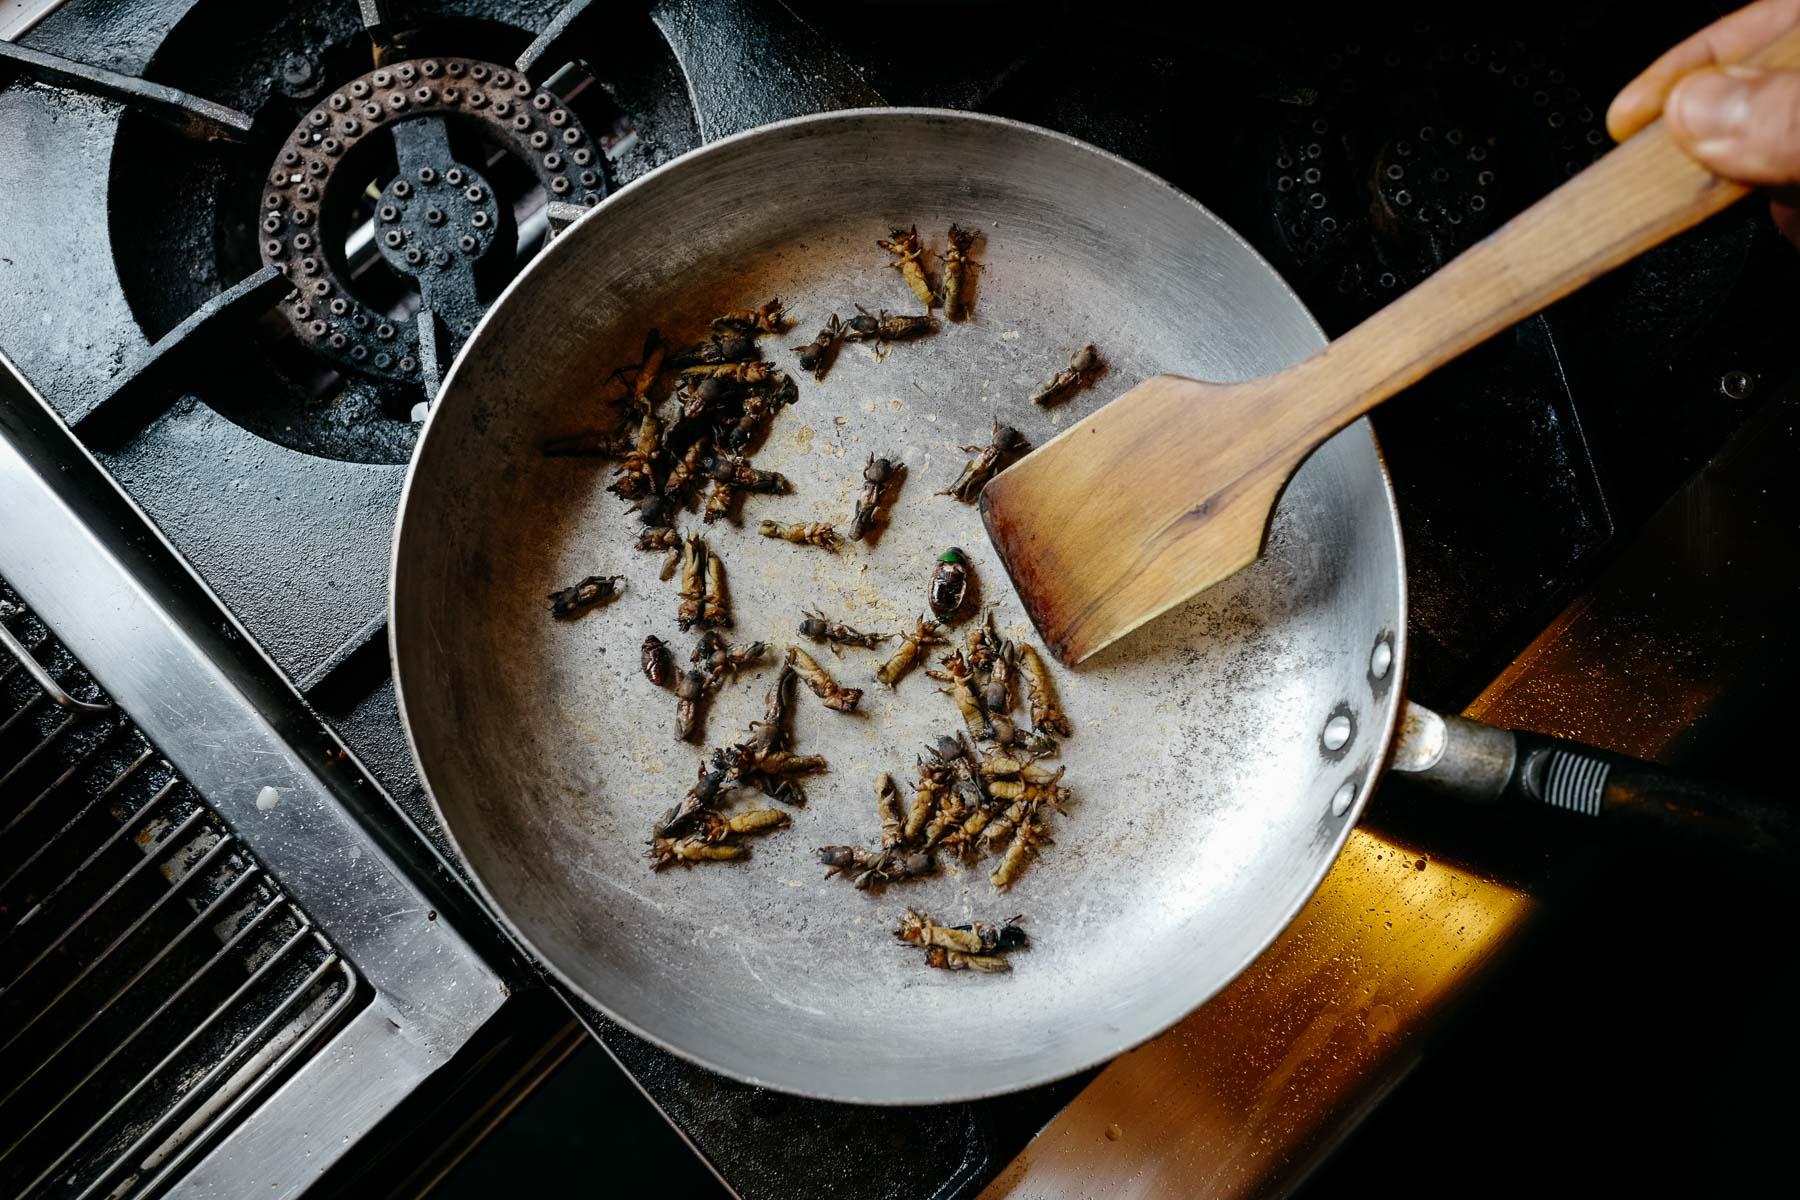 jedzenie owadów